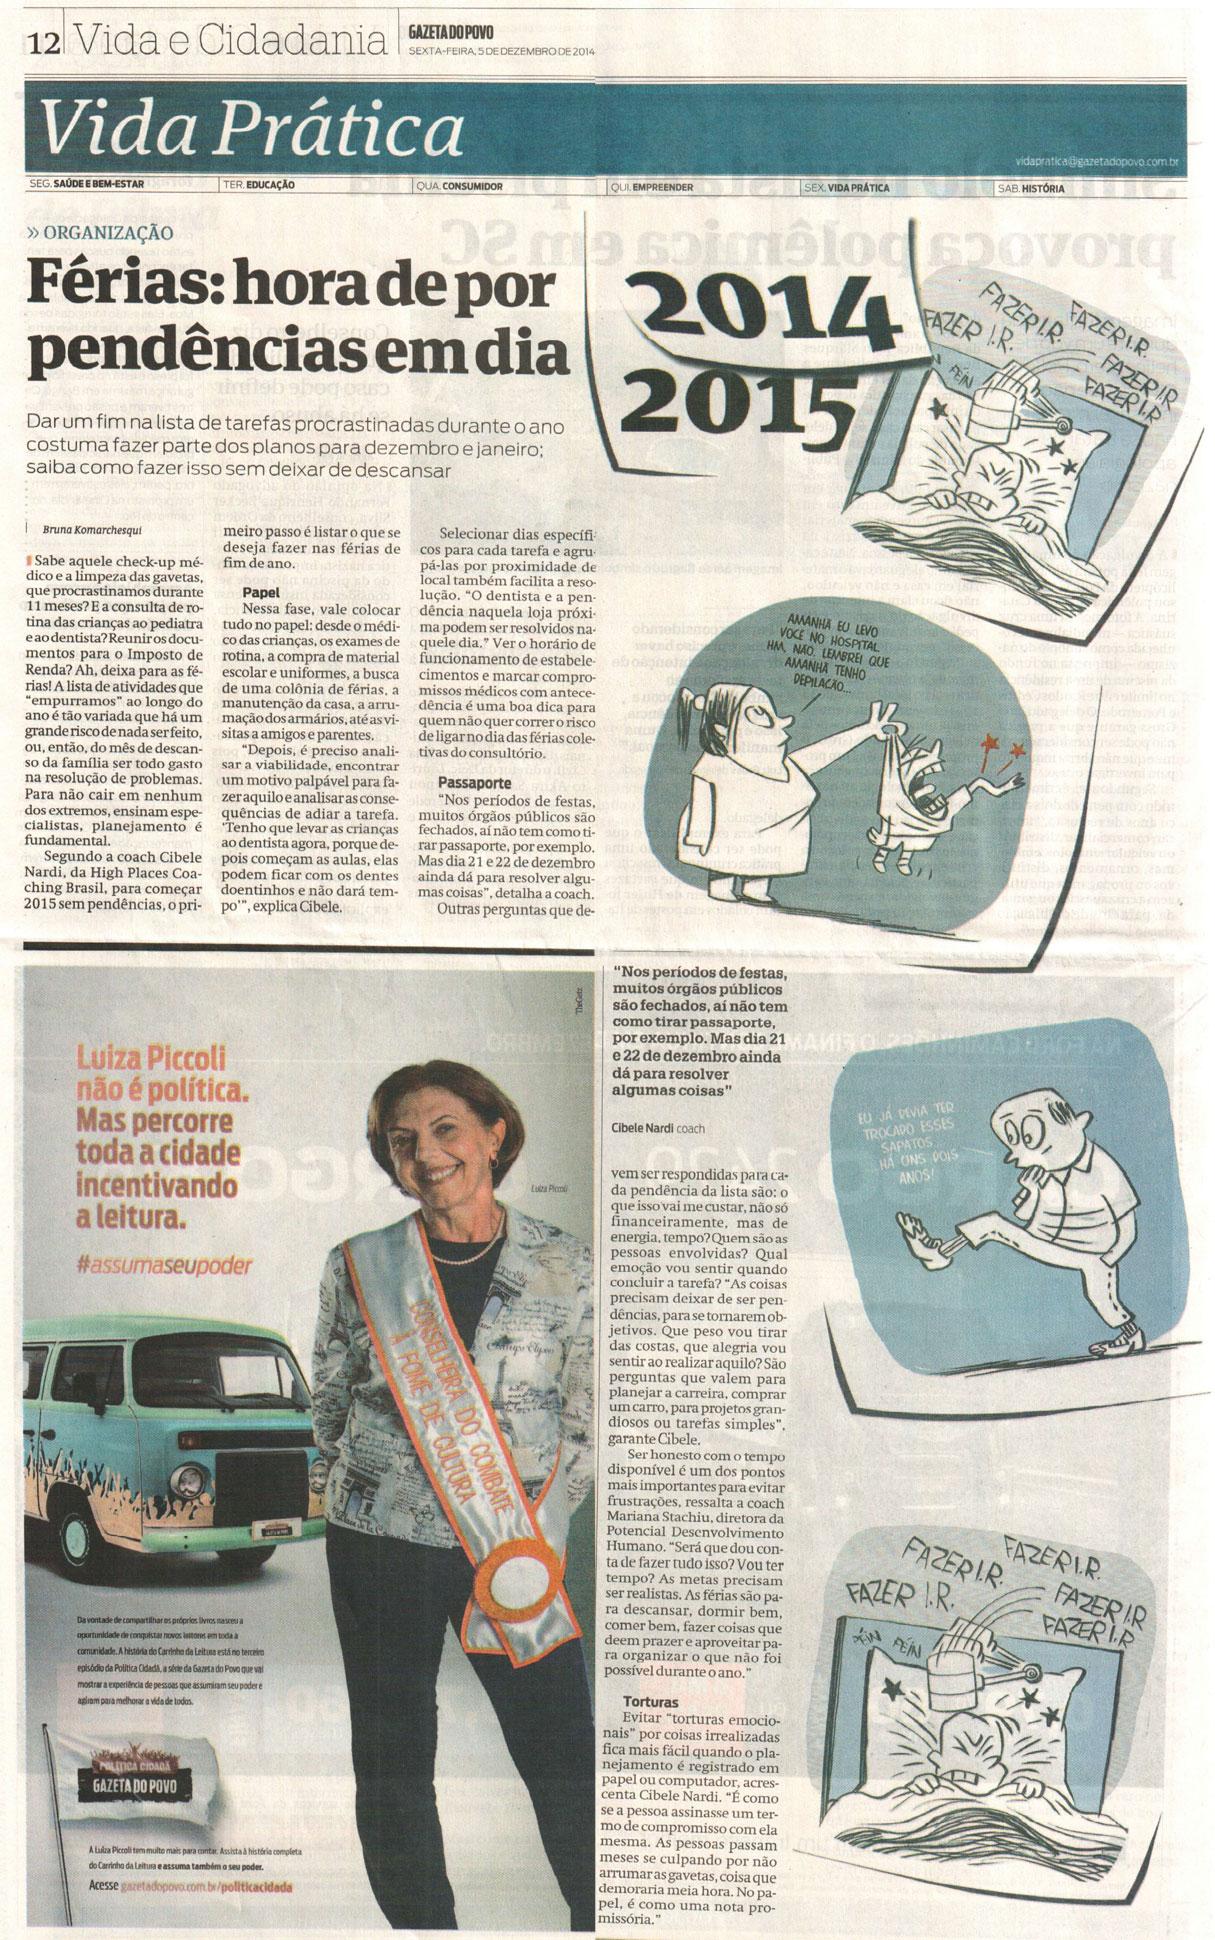 Imprensa   Gazeta do Povo – Férias: hora de por pendências em dia